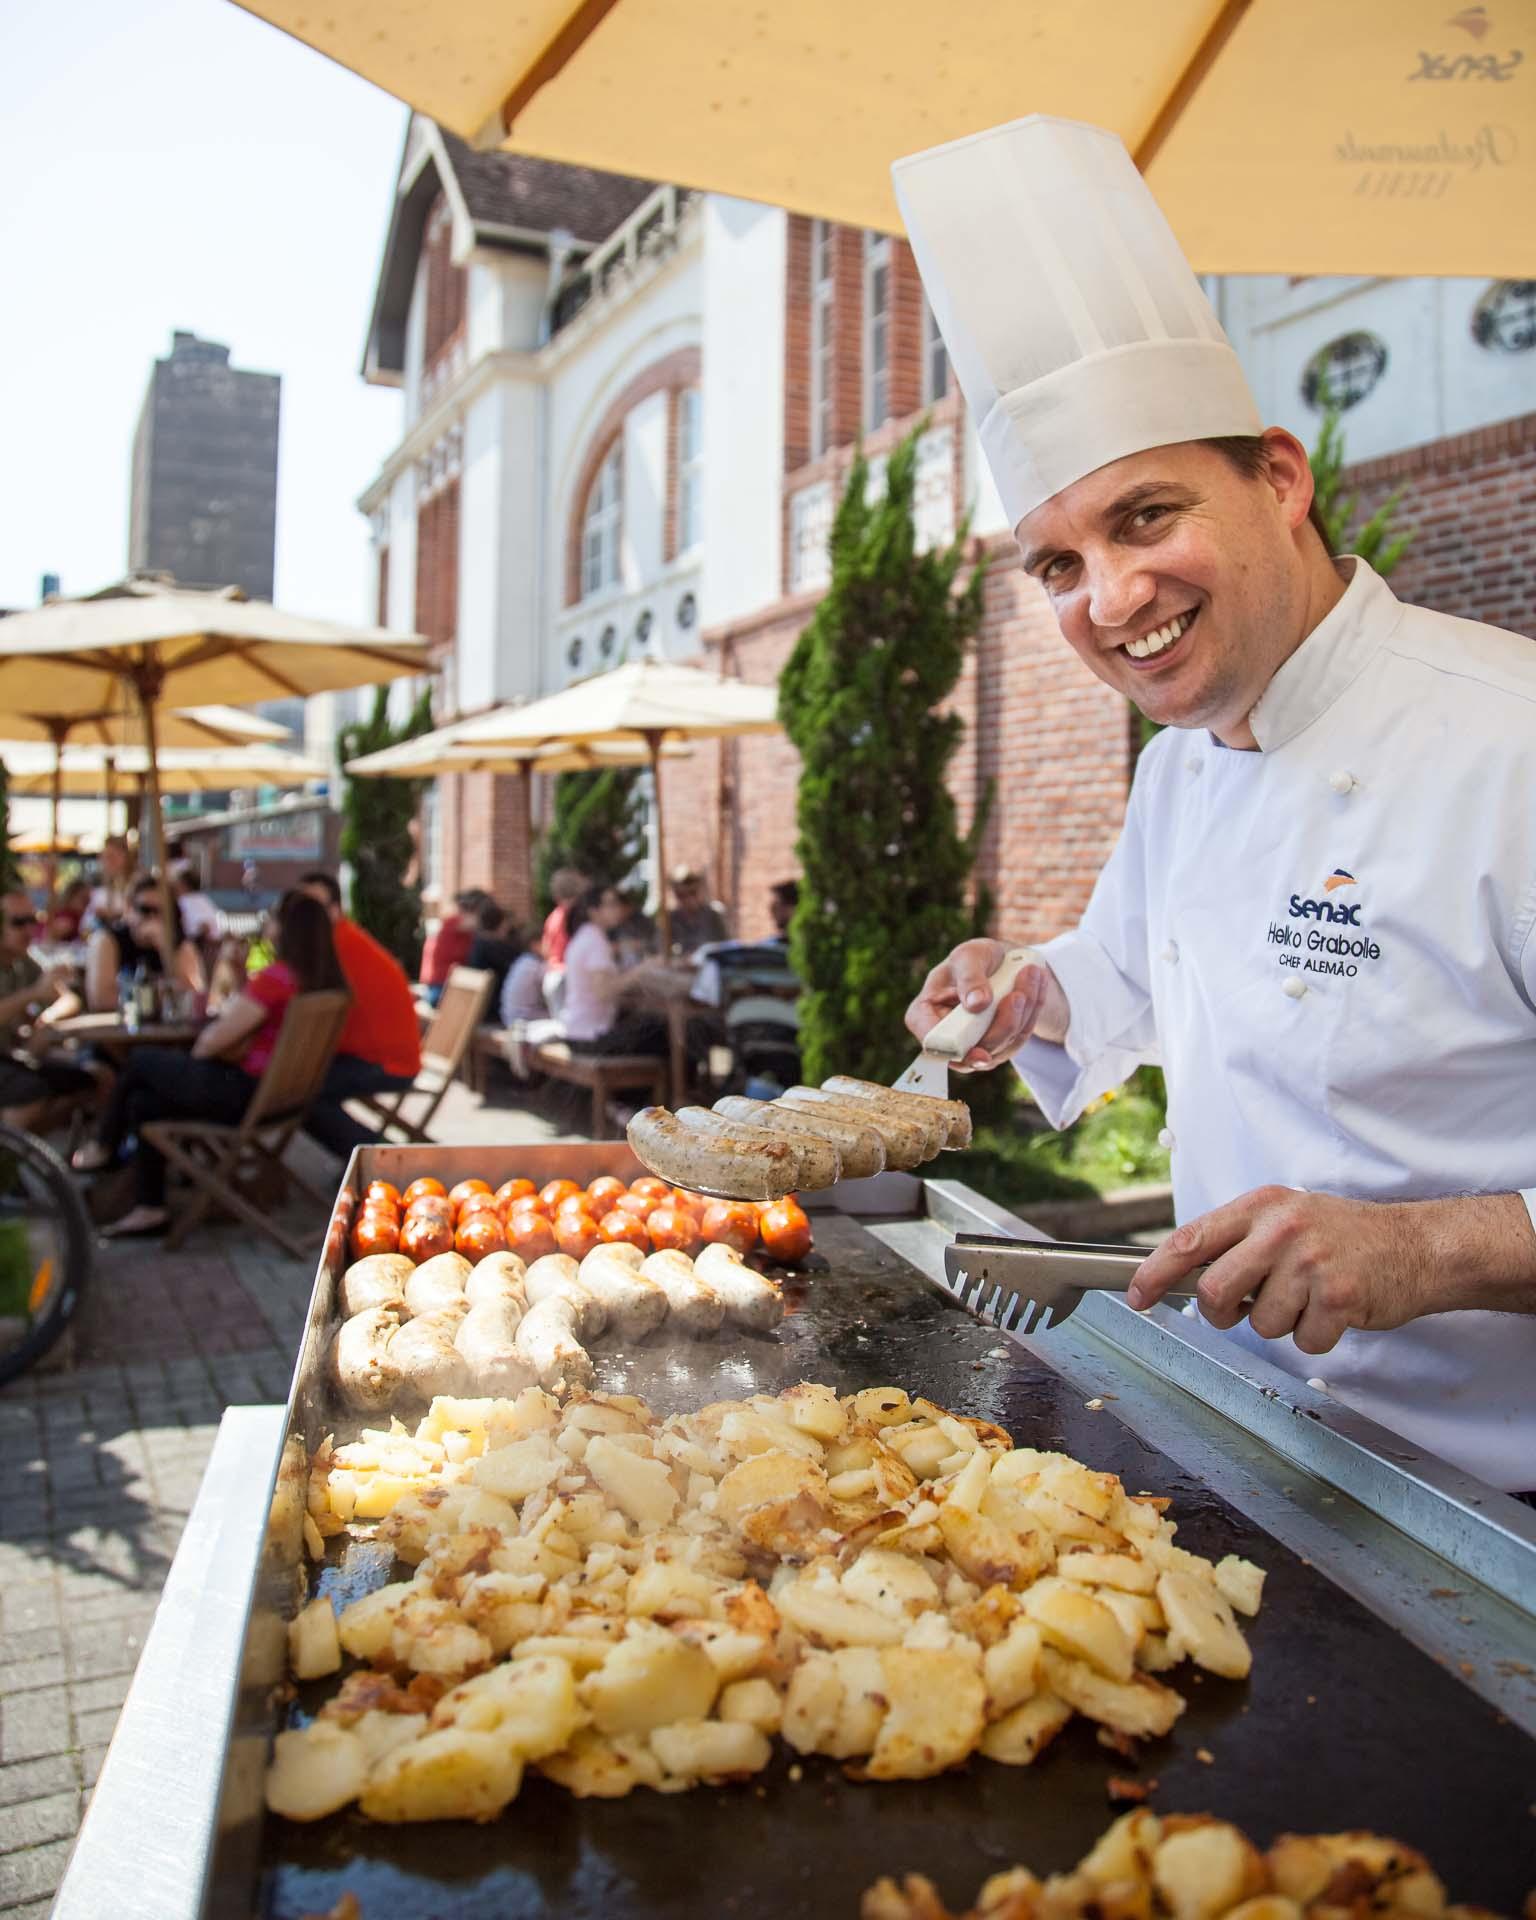 Chef Heiko Grabolle prepara comida típica germânica no Senac Blumengarten, em Blumenau